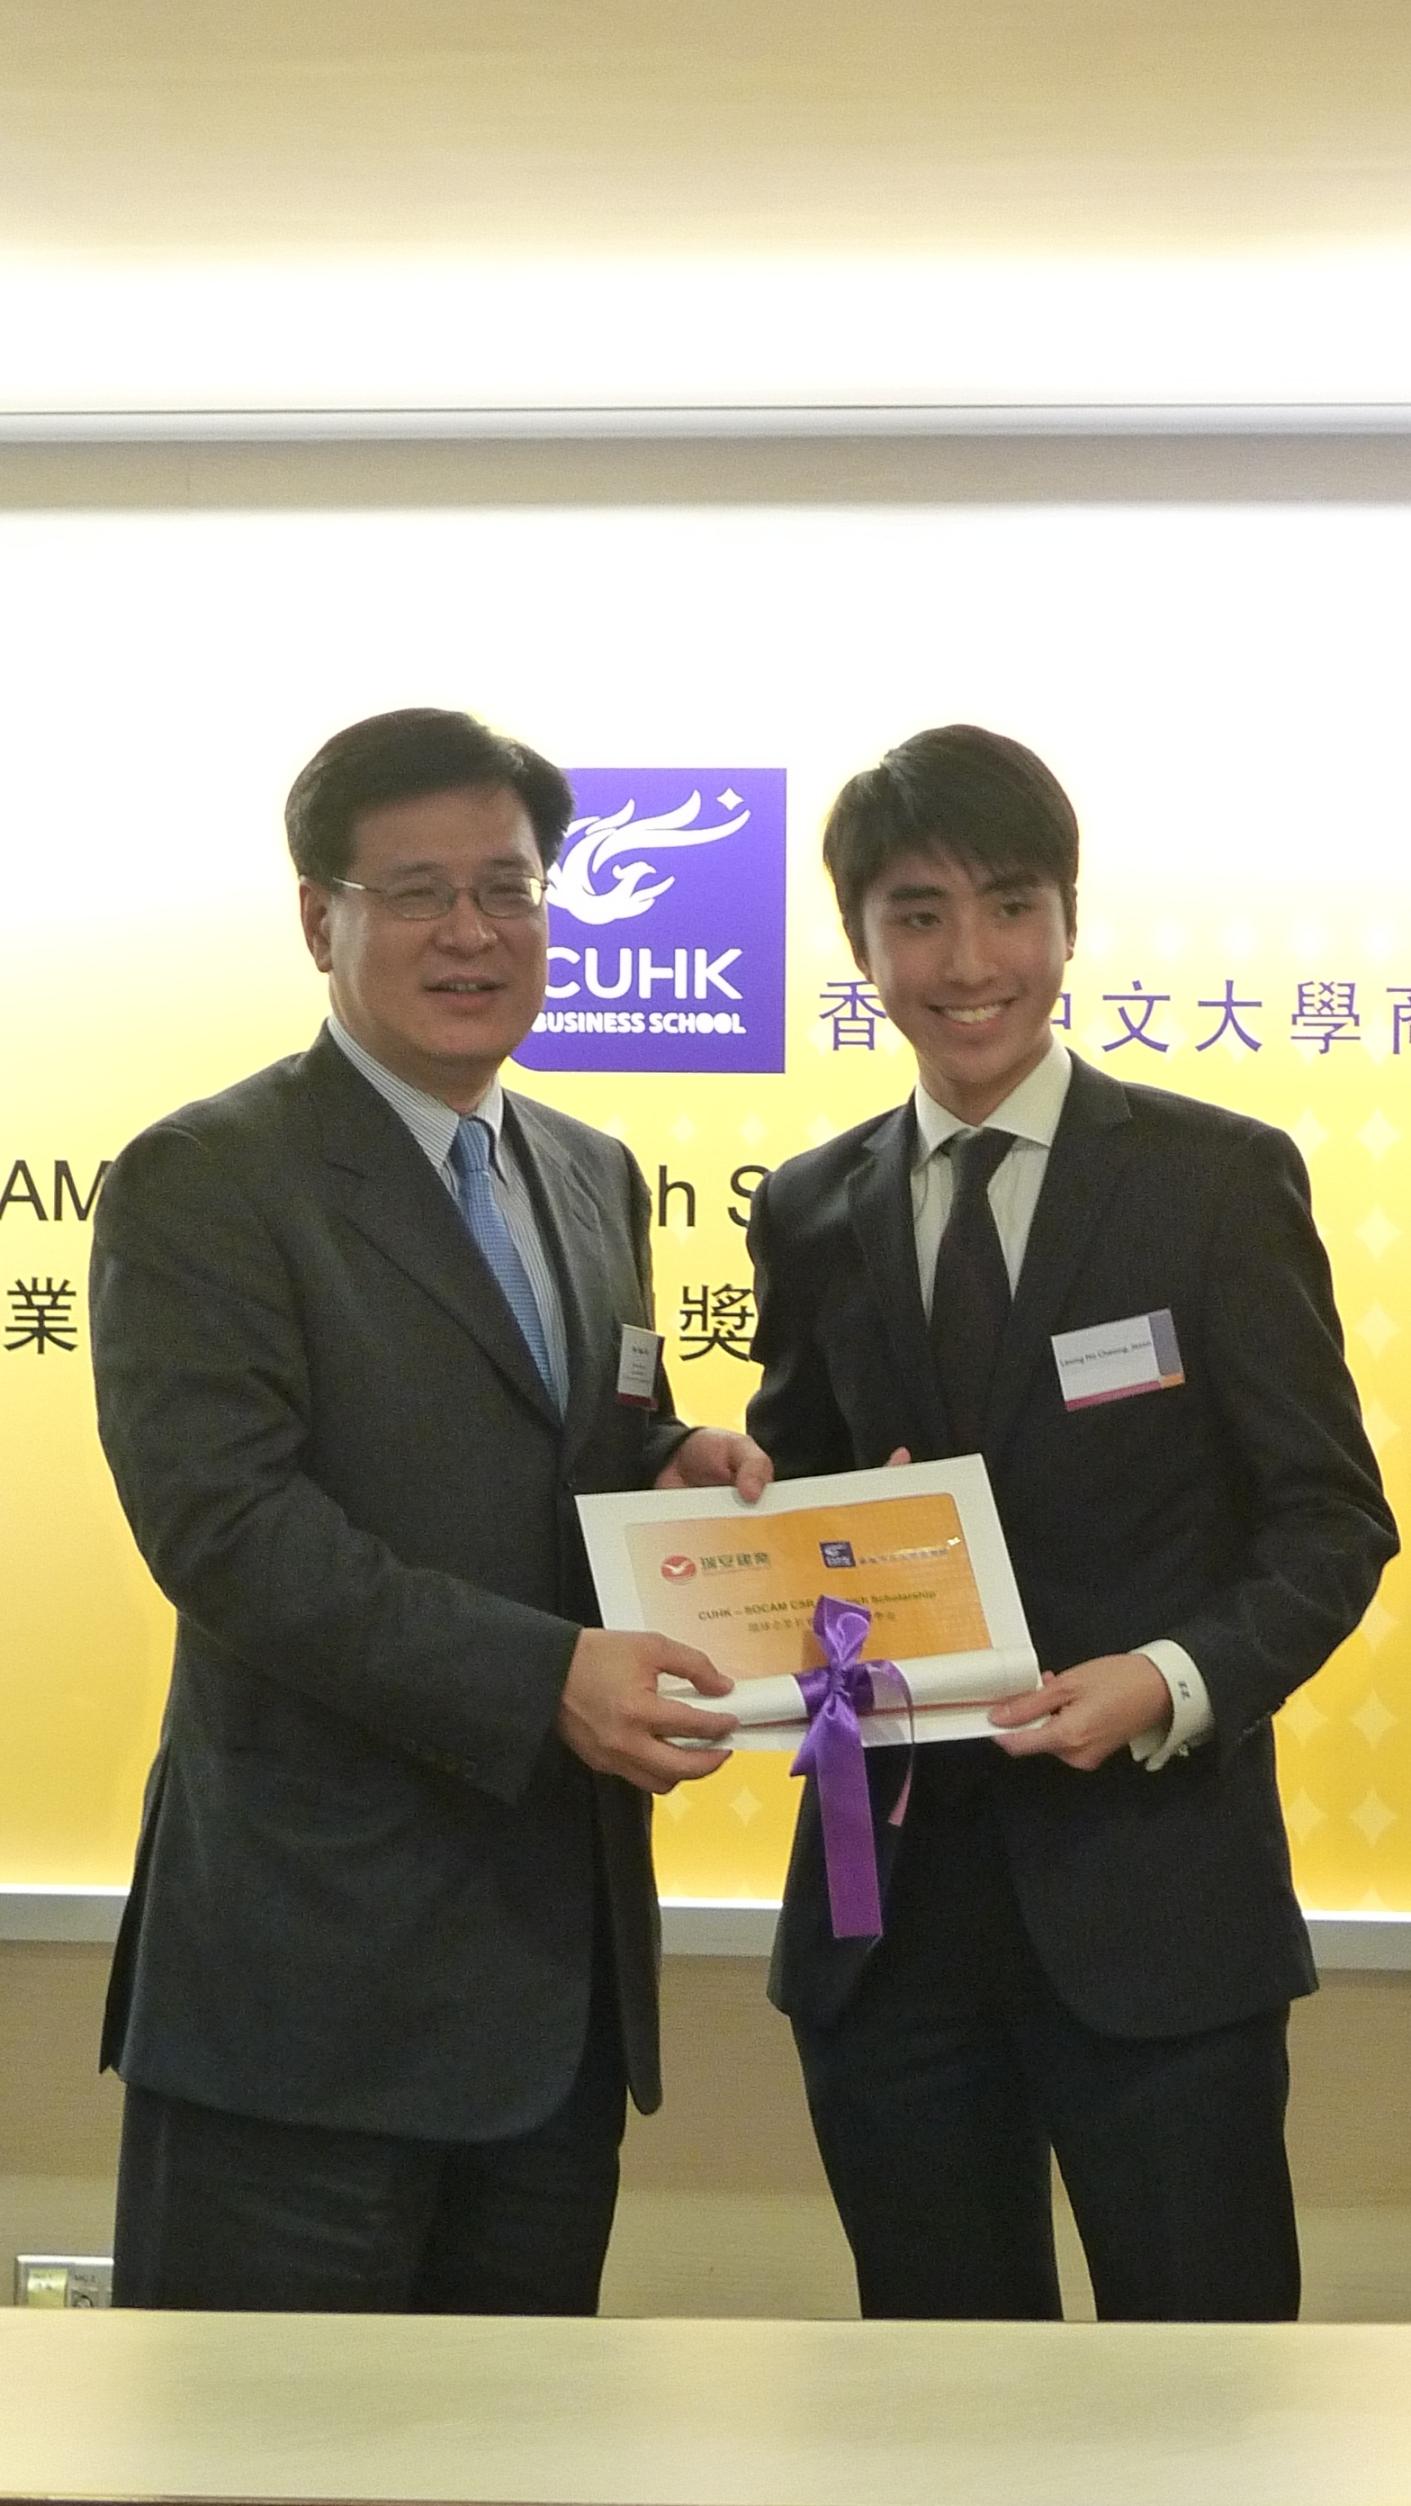 (左起) 瑞安建业人力资源总经理田伟强先生及「香港中文大学瑞安建业企业社会责任研究奖学金」得奖学生梁浩锵